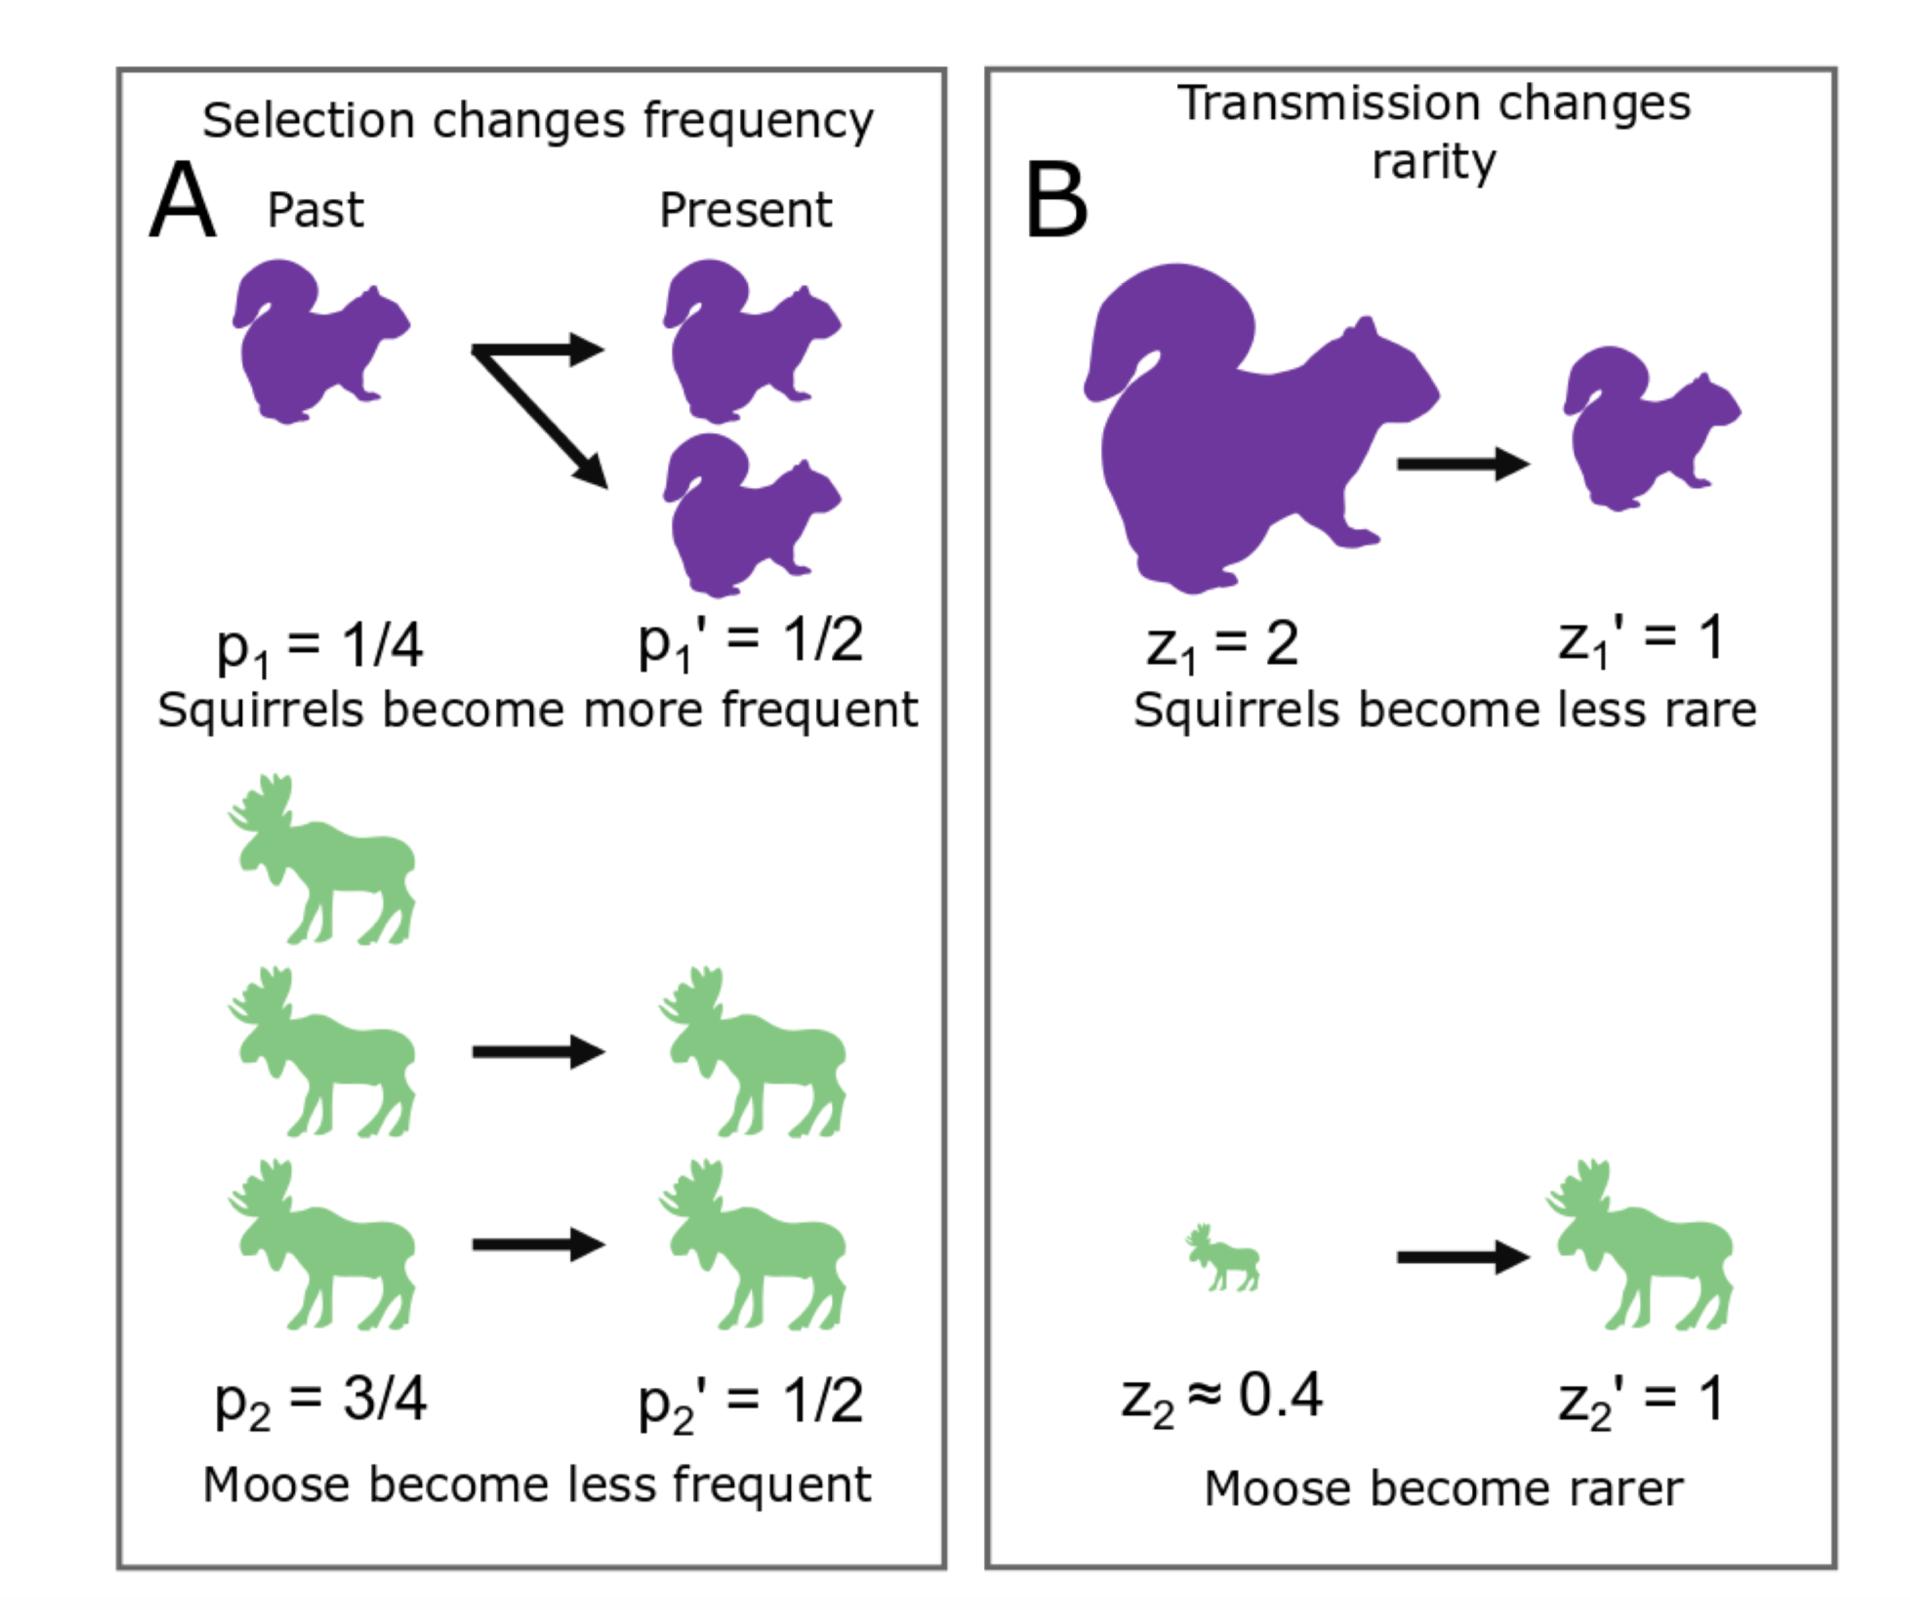 A portion of Figure 1 in Godsoe et al. 2019